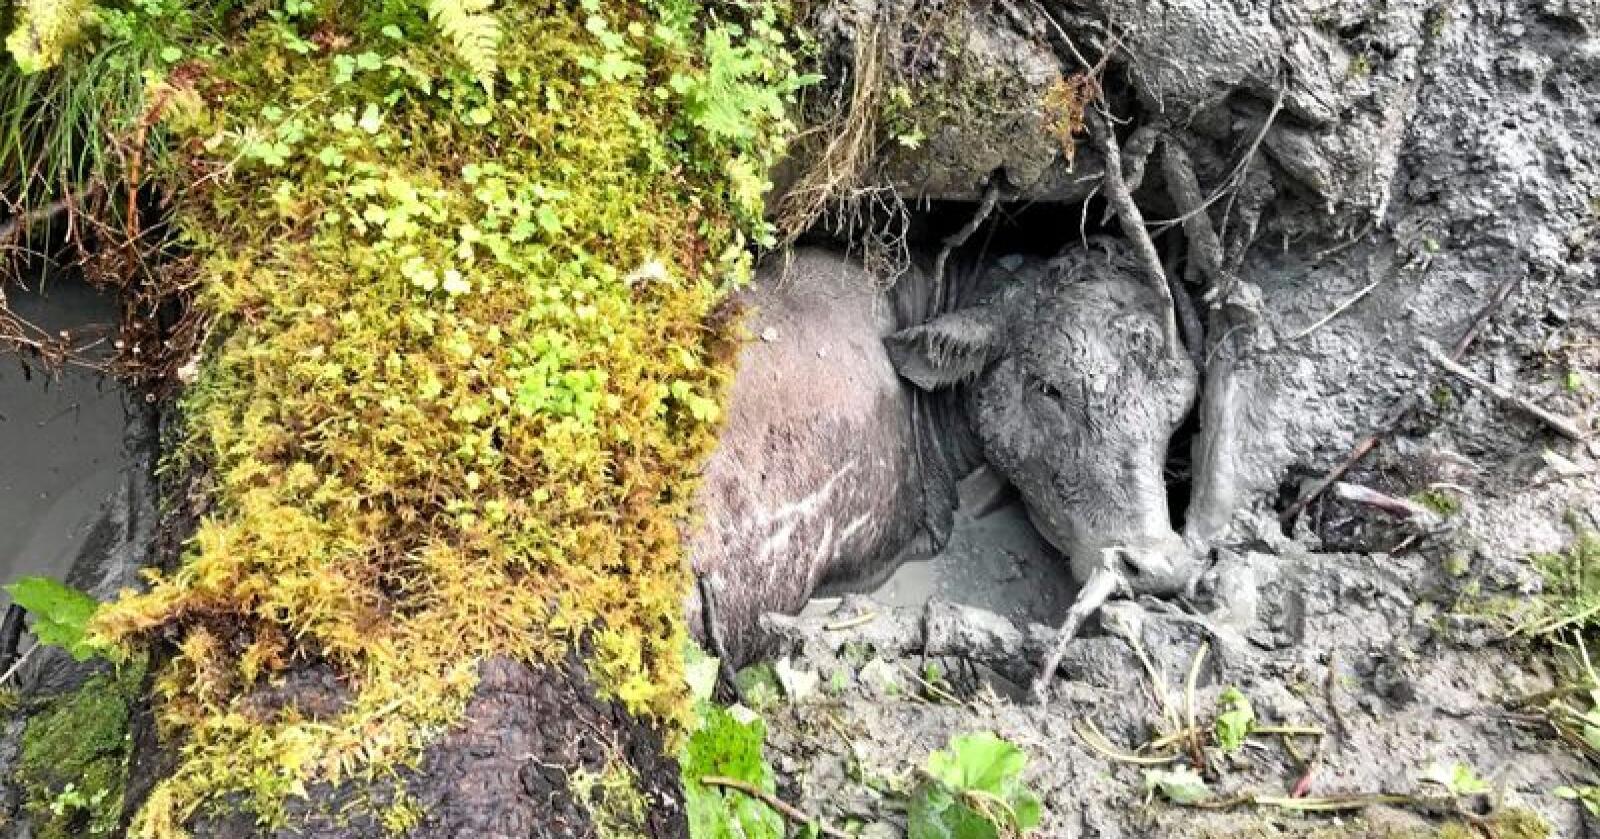 Da kua Lotte-Lise til slutt ble funnet hadde den sittet fast under treet i minst fem dager. Foto: Privat